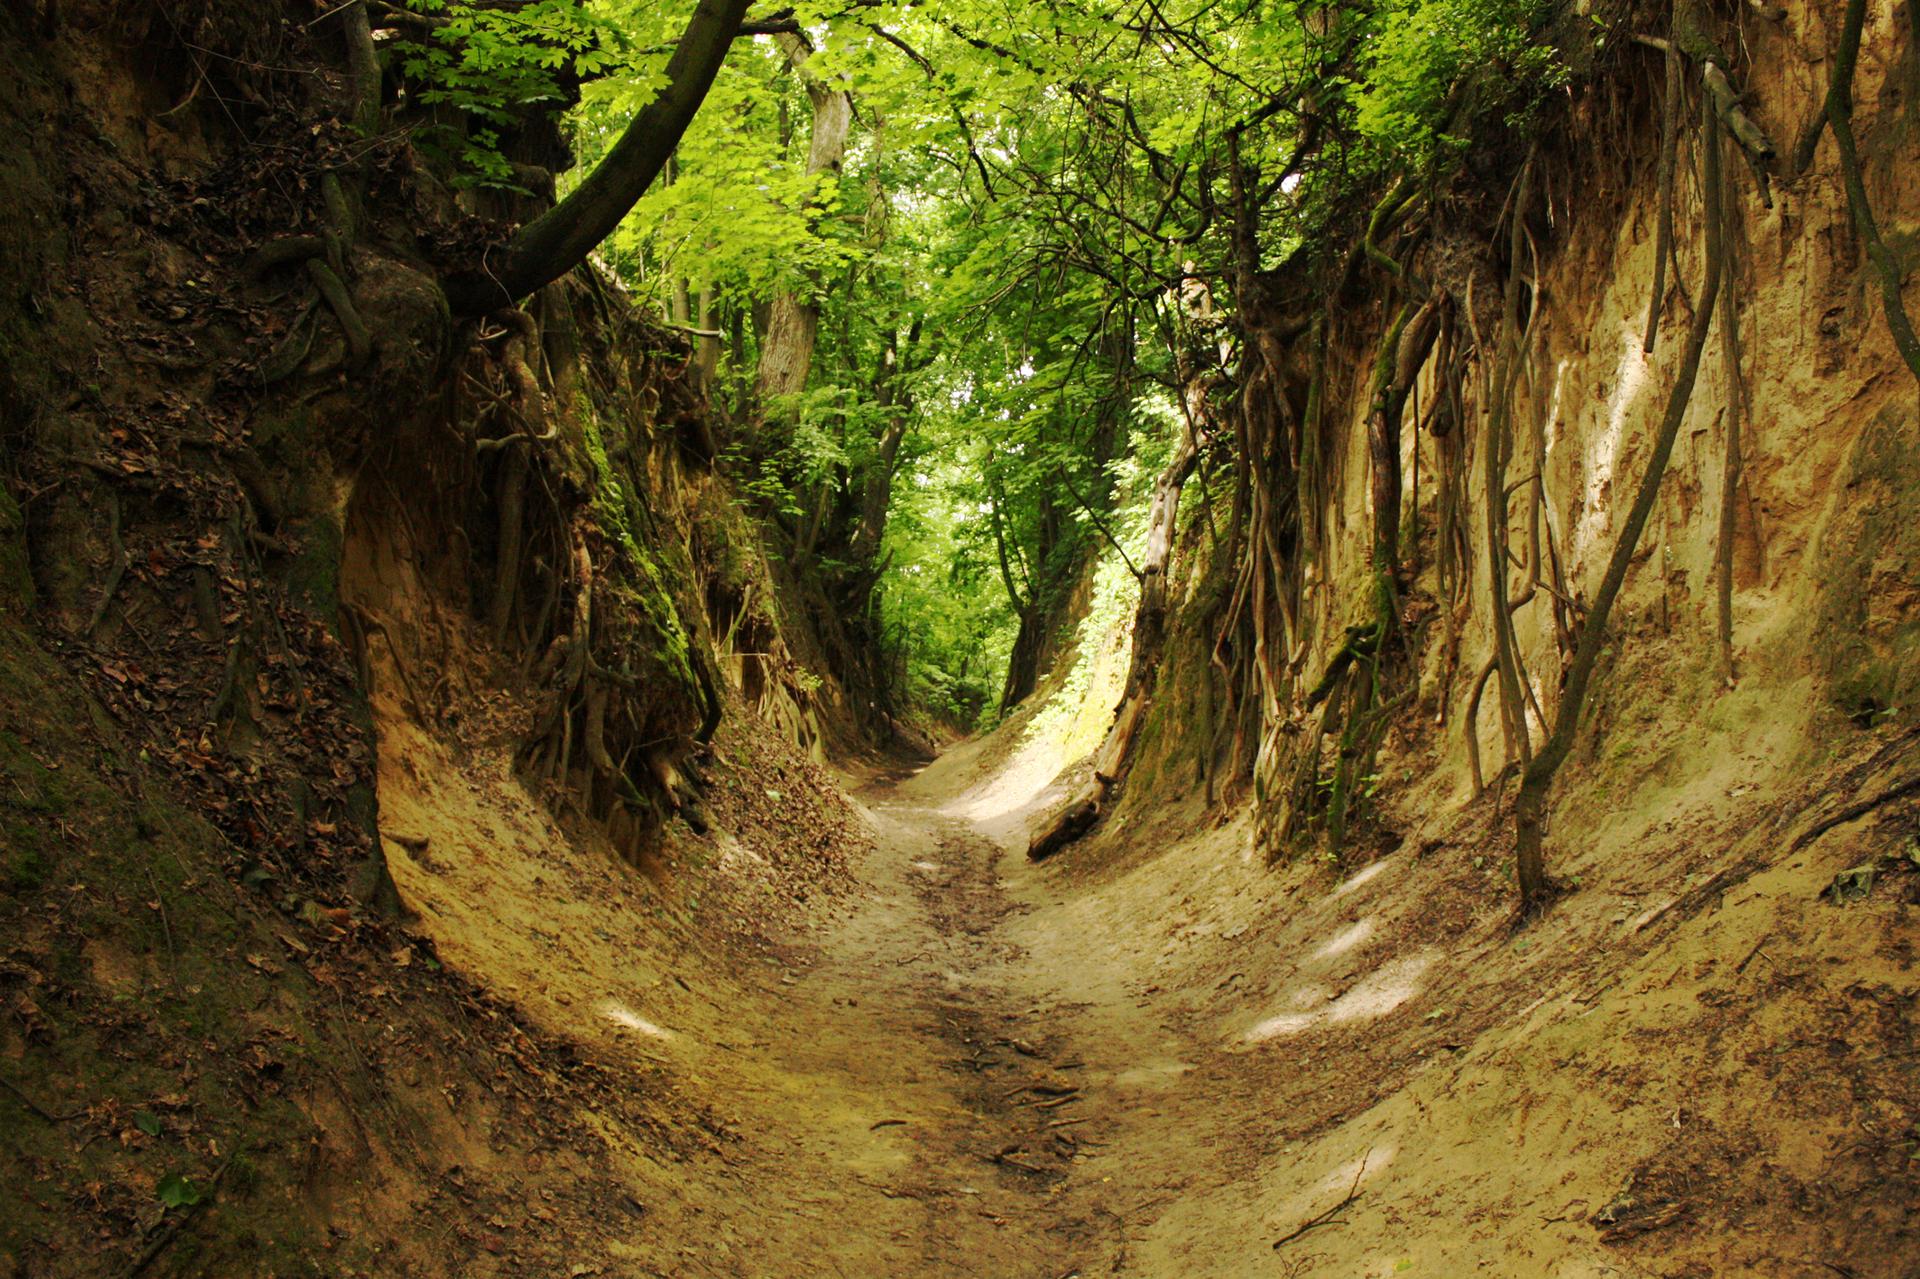 Fotografia prezentująca wąwóz lessowy opionowych, głębokich zboczach iwąskim dnie. Na zboczach widoczne wystające korzenie drzew rosnących na szczycie zbocza